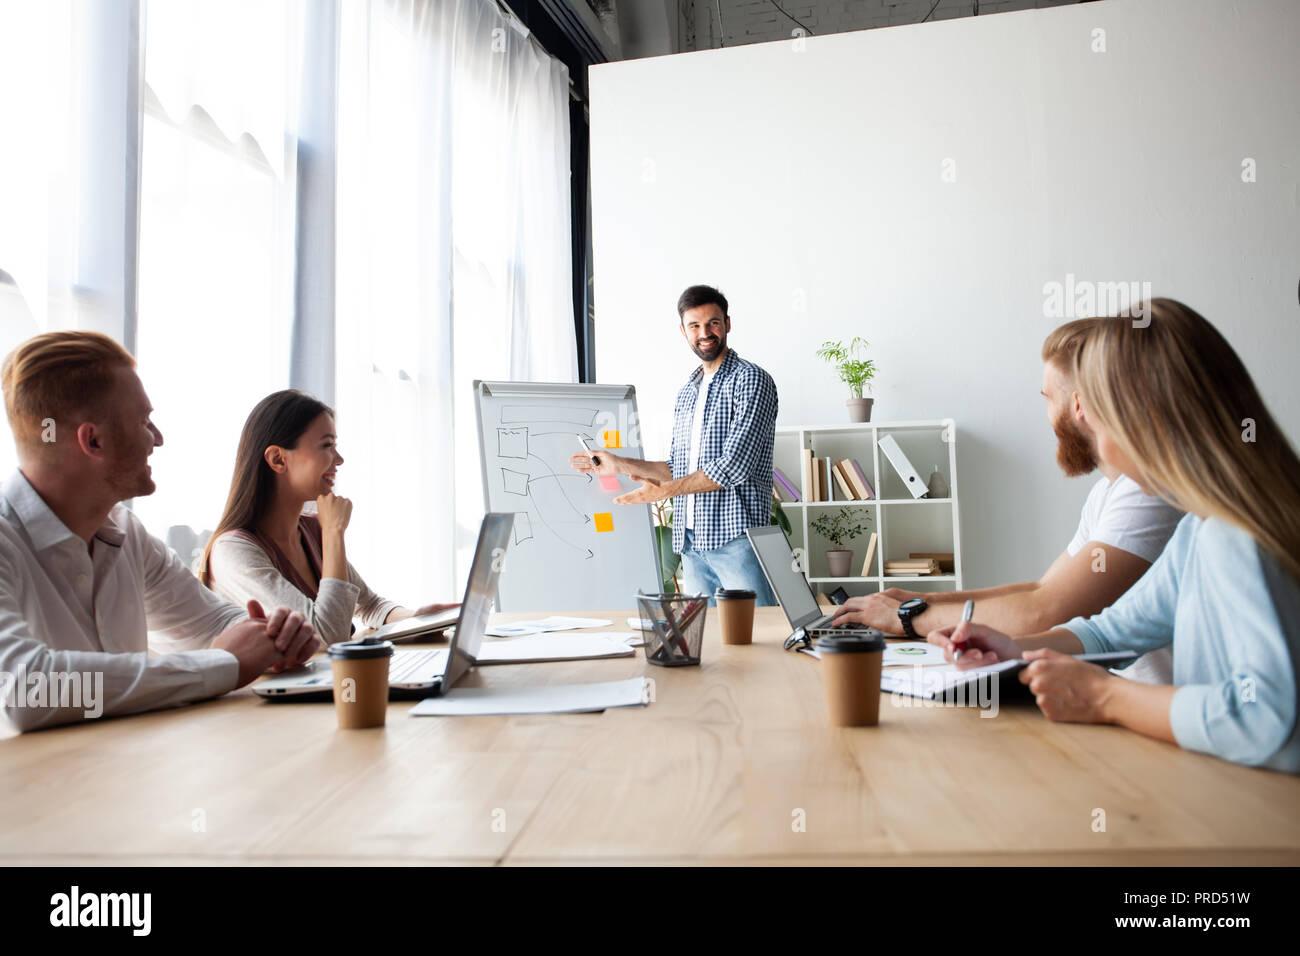 Die besten Ergebnisse zusammen. Moderne junge Mann die Durchführung einer Business Präsentation, während im Raum stehen. Stockfoto